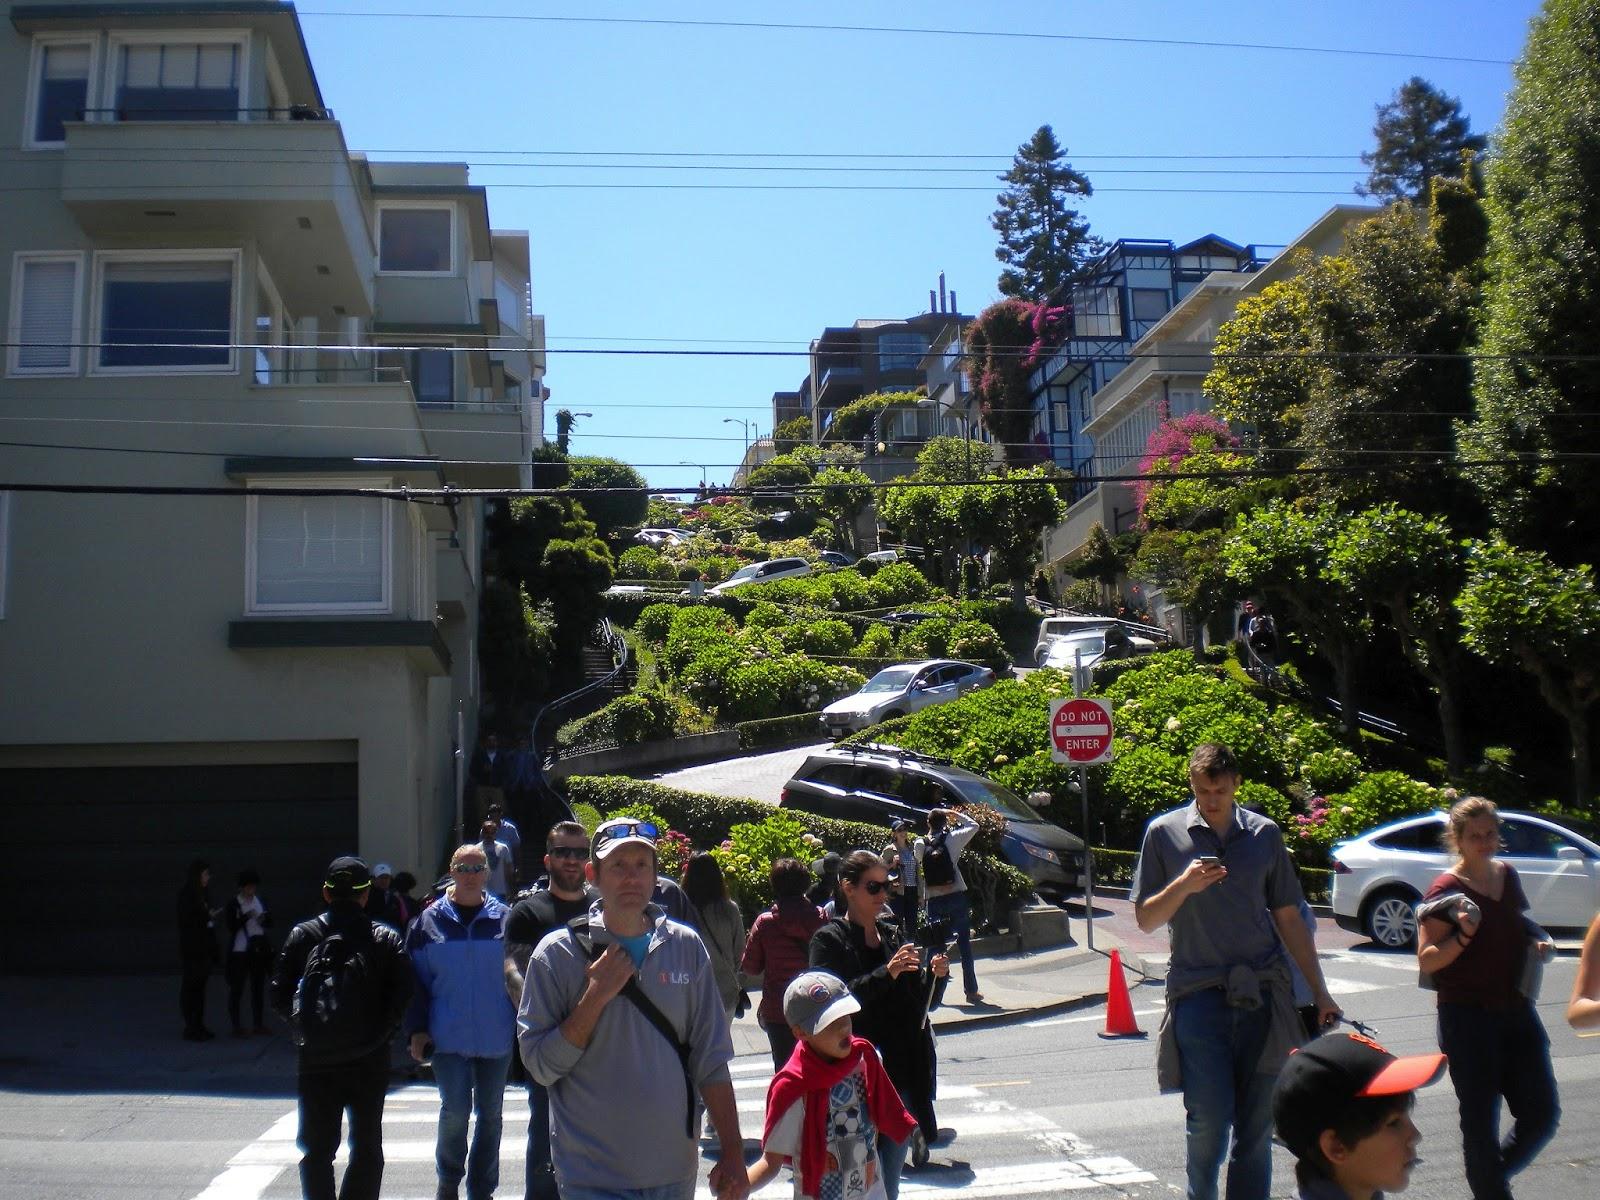 san francisco kalifornia lombard street neulansilmä mutka katu serpentiinikatu mallaspulla matkailu